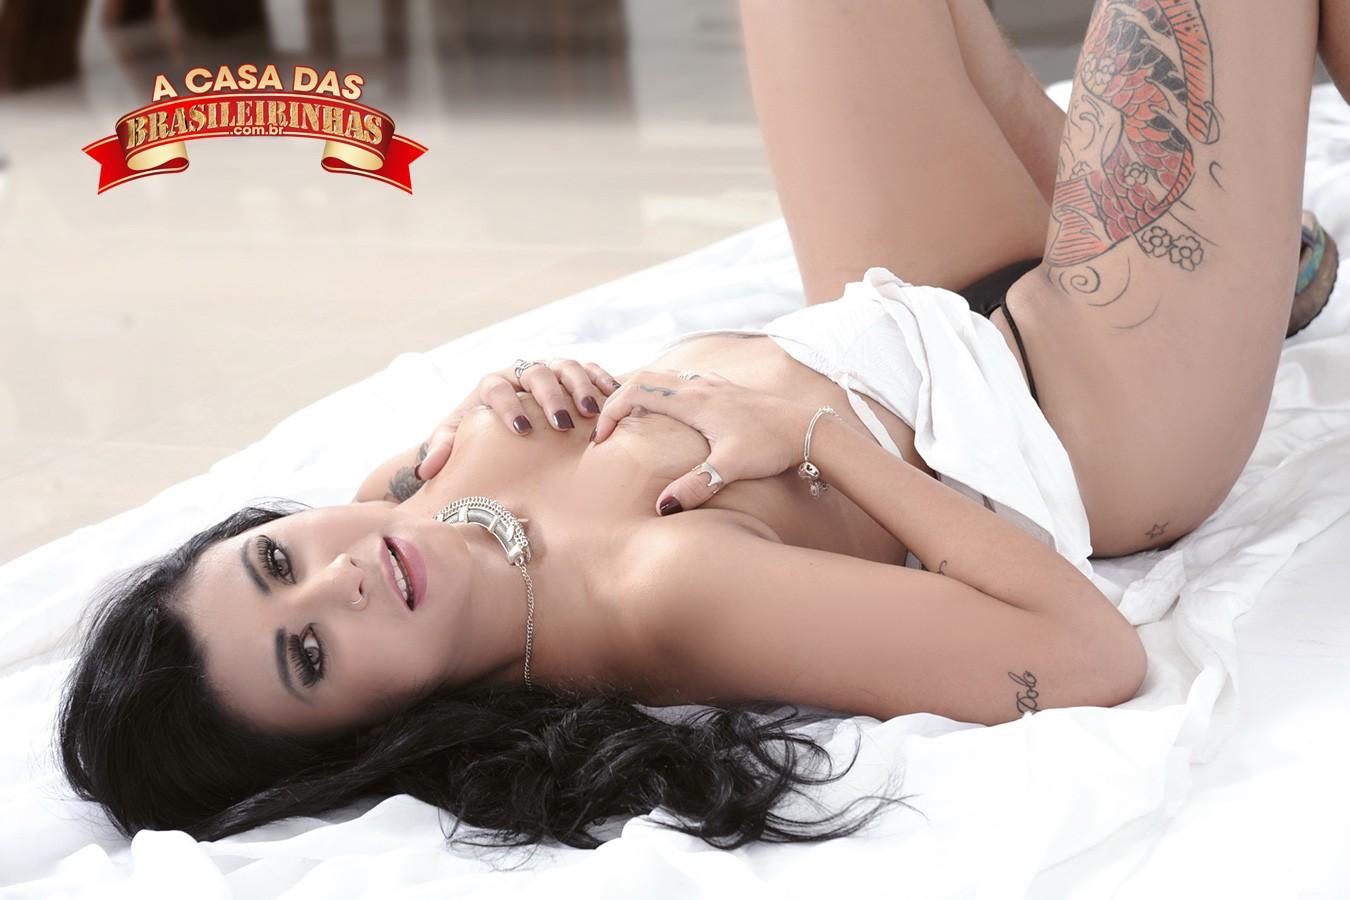 Amanda-Souza-linda.jpg